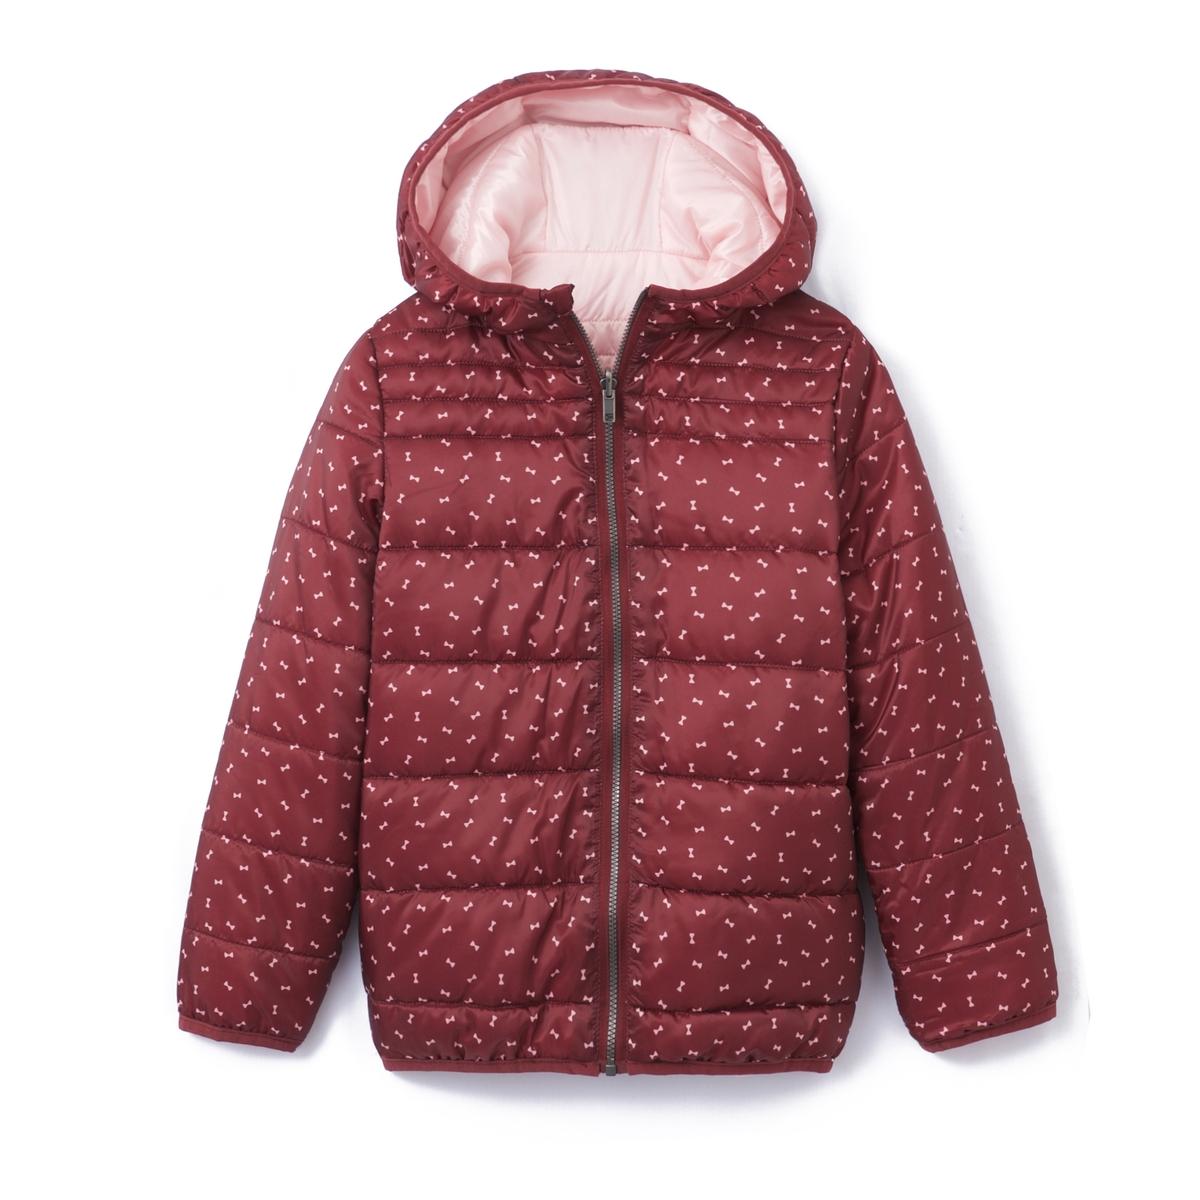 Куртка стеганная двусторонняя с капюшоном 3-12 лет